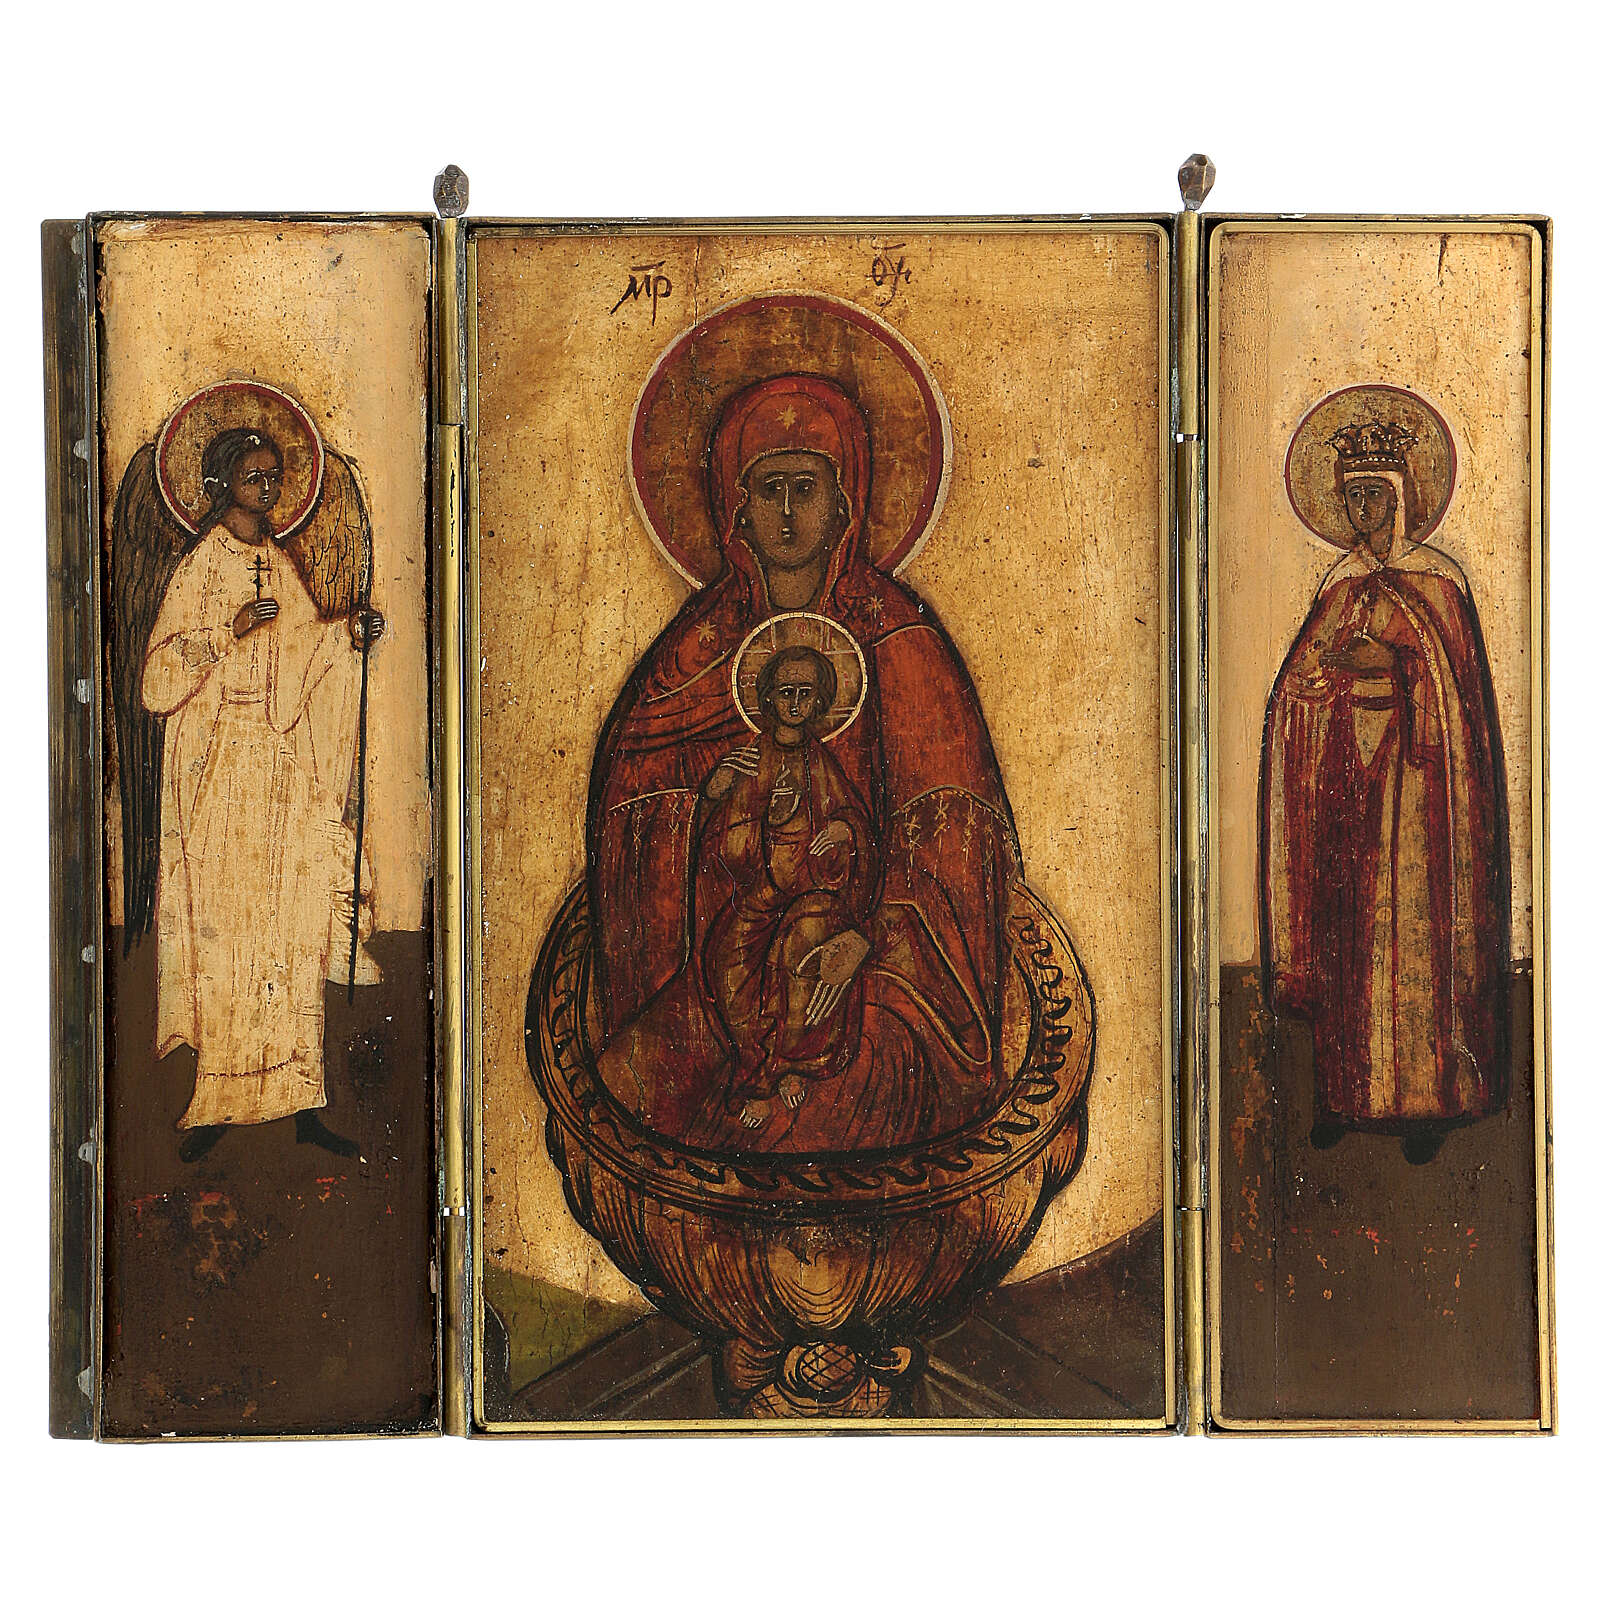 Trittico fonte di vita da viaggio Russia XVIII sec 20x20 cm 4